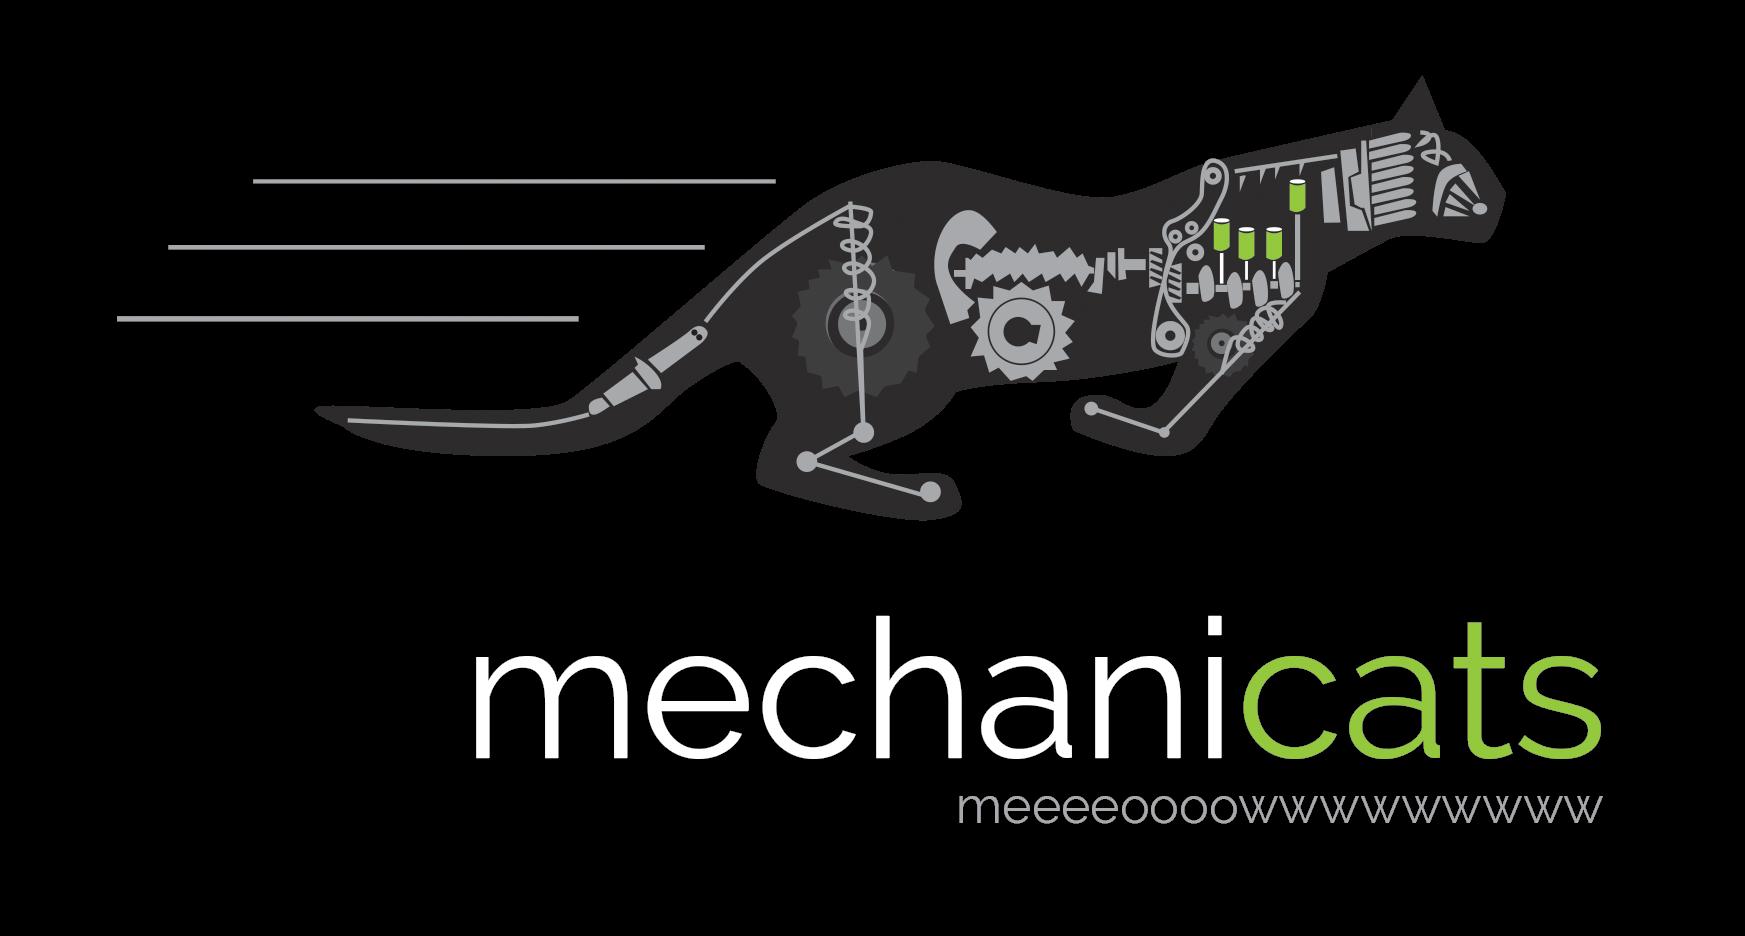 Blogul Mechanicats